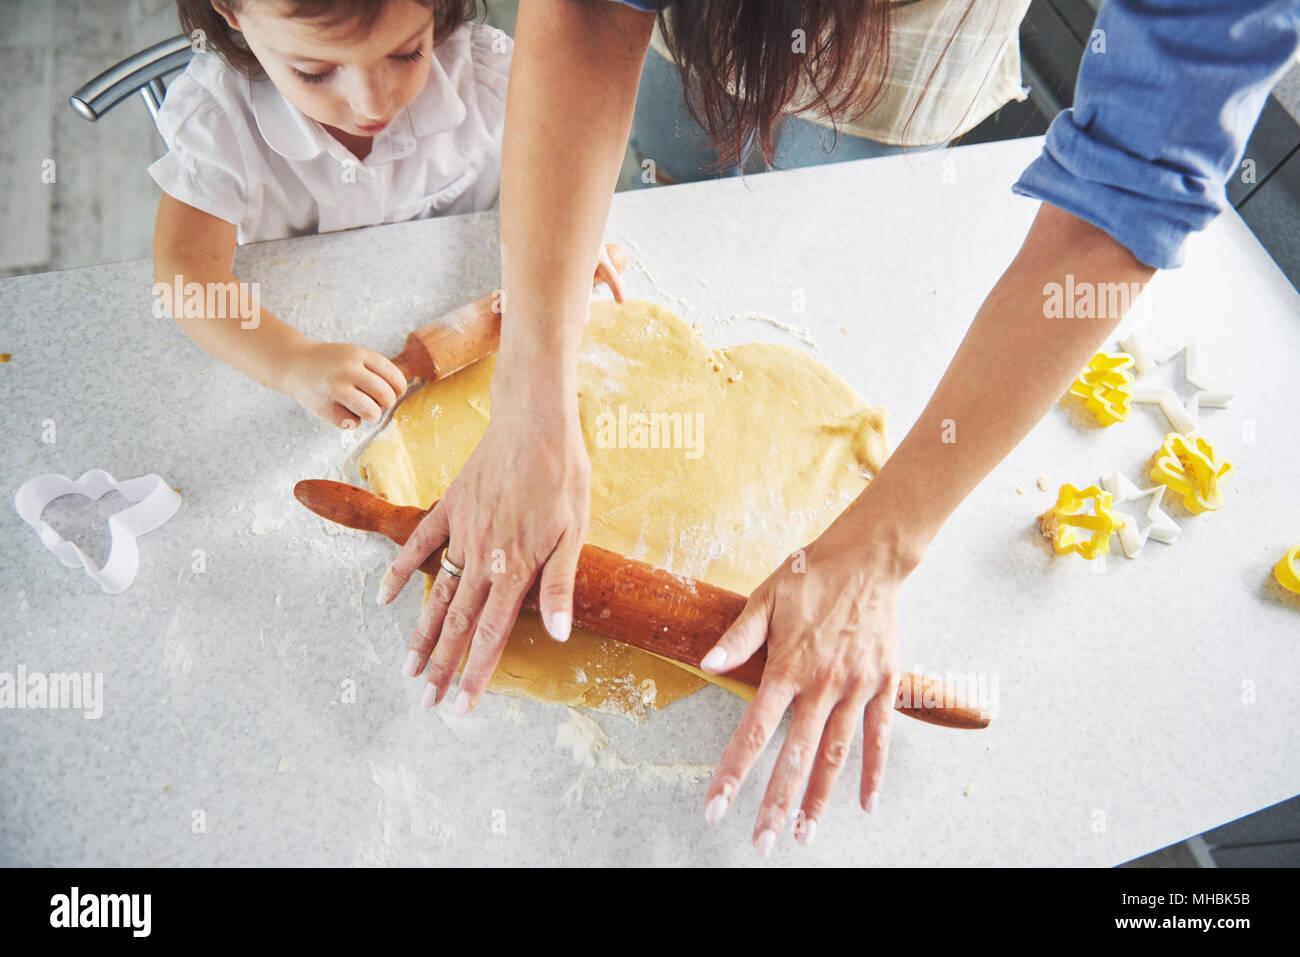 Felices vacaciones familia preparación concepto de alimentos. Familia cocinando galletas de Navidad. Manos de madre e hija, en la preparación de la masa en la mesa. Familia Feliz en hacer galletas en casa Imagen De Stock